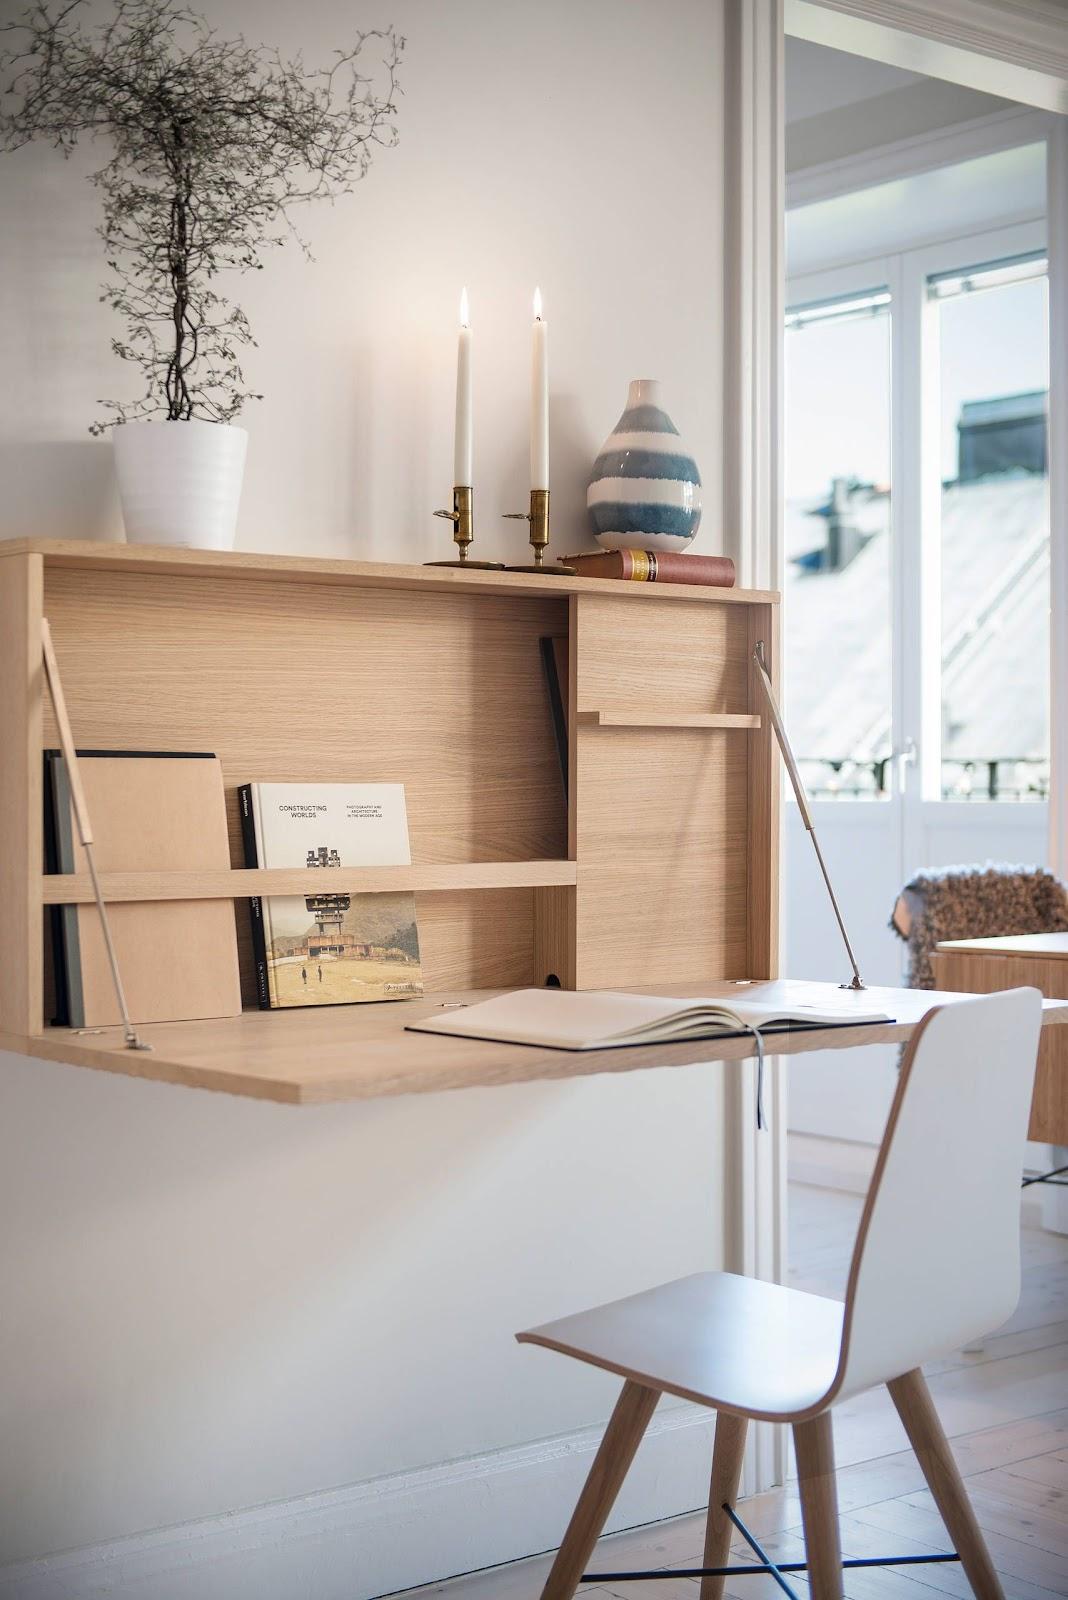 Furnitur modern dan dekorasi yang fungsional - source: pinterest.com